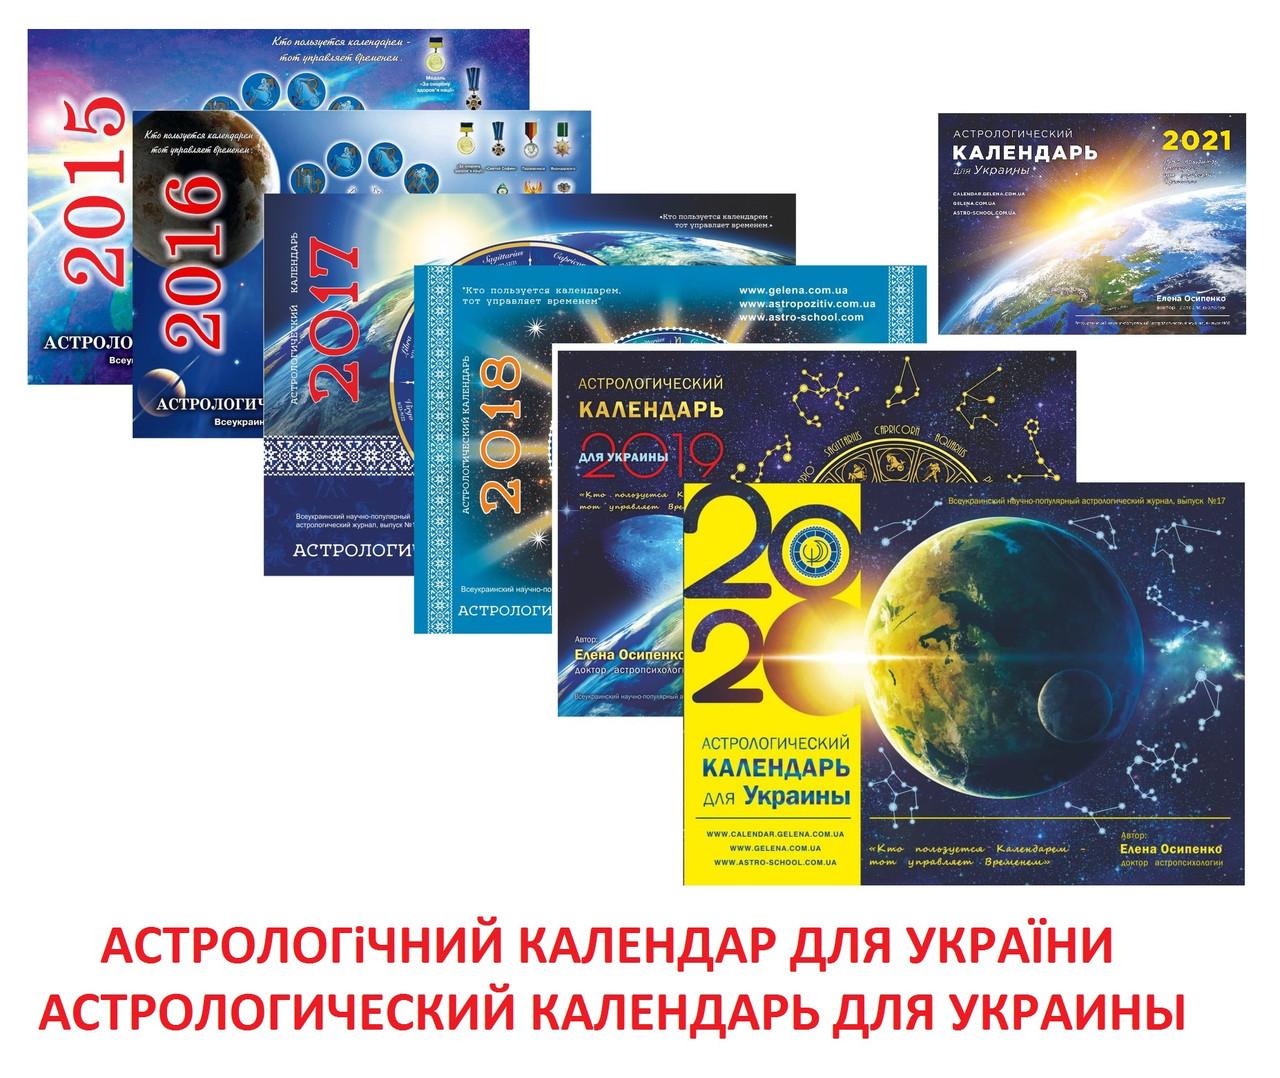 Астрологічний календар для України на 2022 рік ( російською мовою ), Місячний календар Осипенко